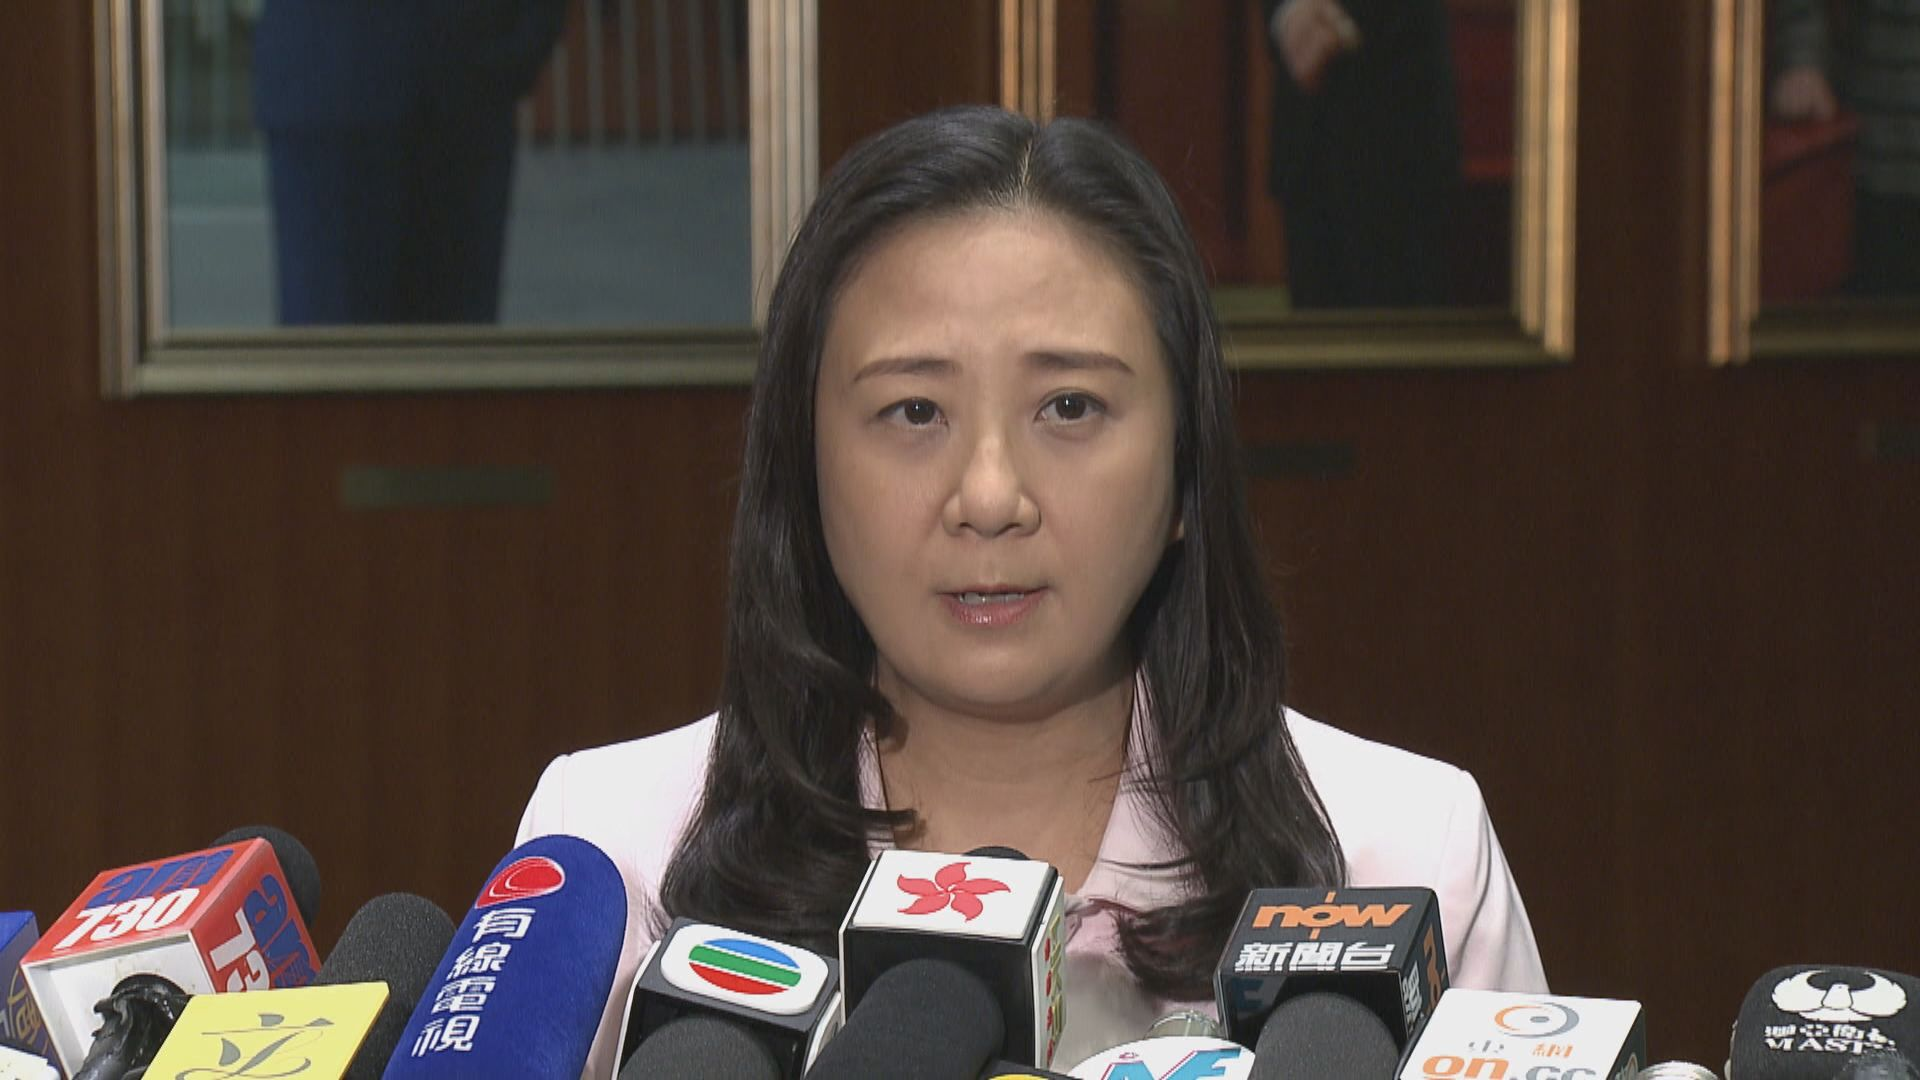 議員批國泰延誤半年公布資料外洩不能接受